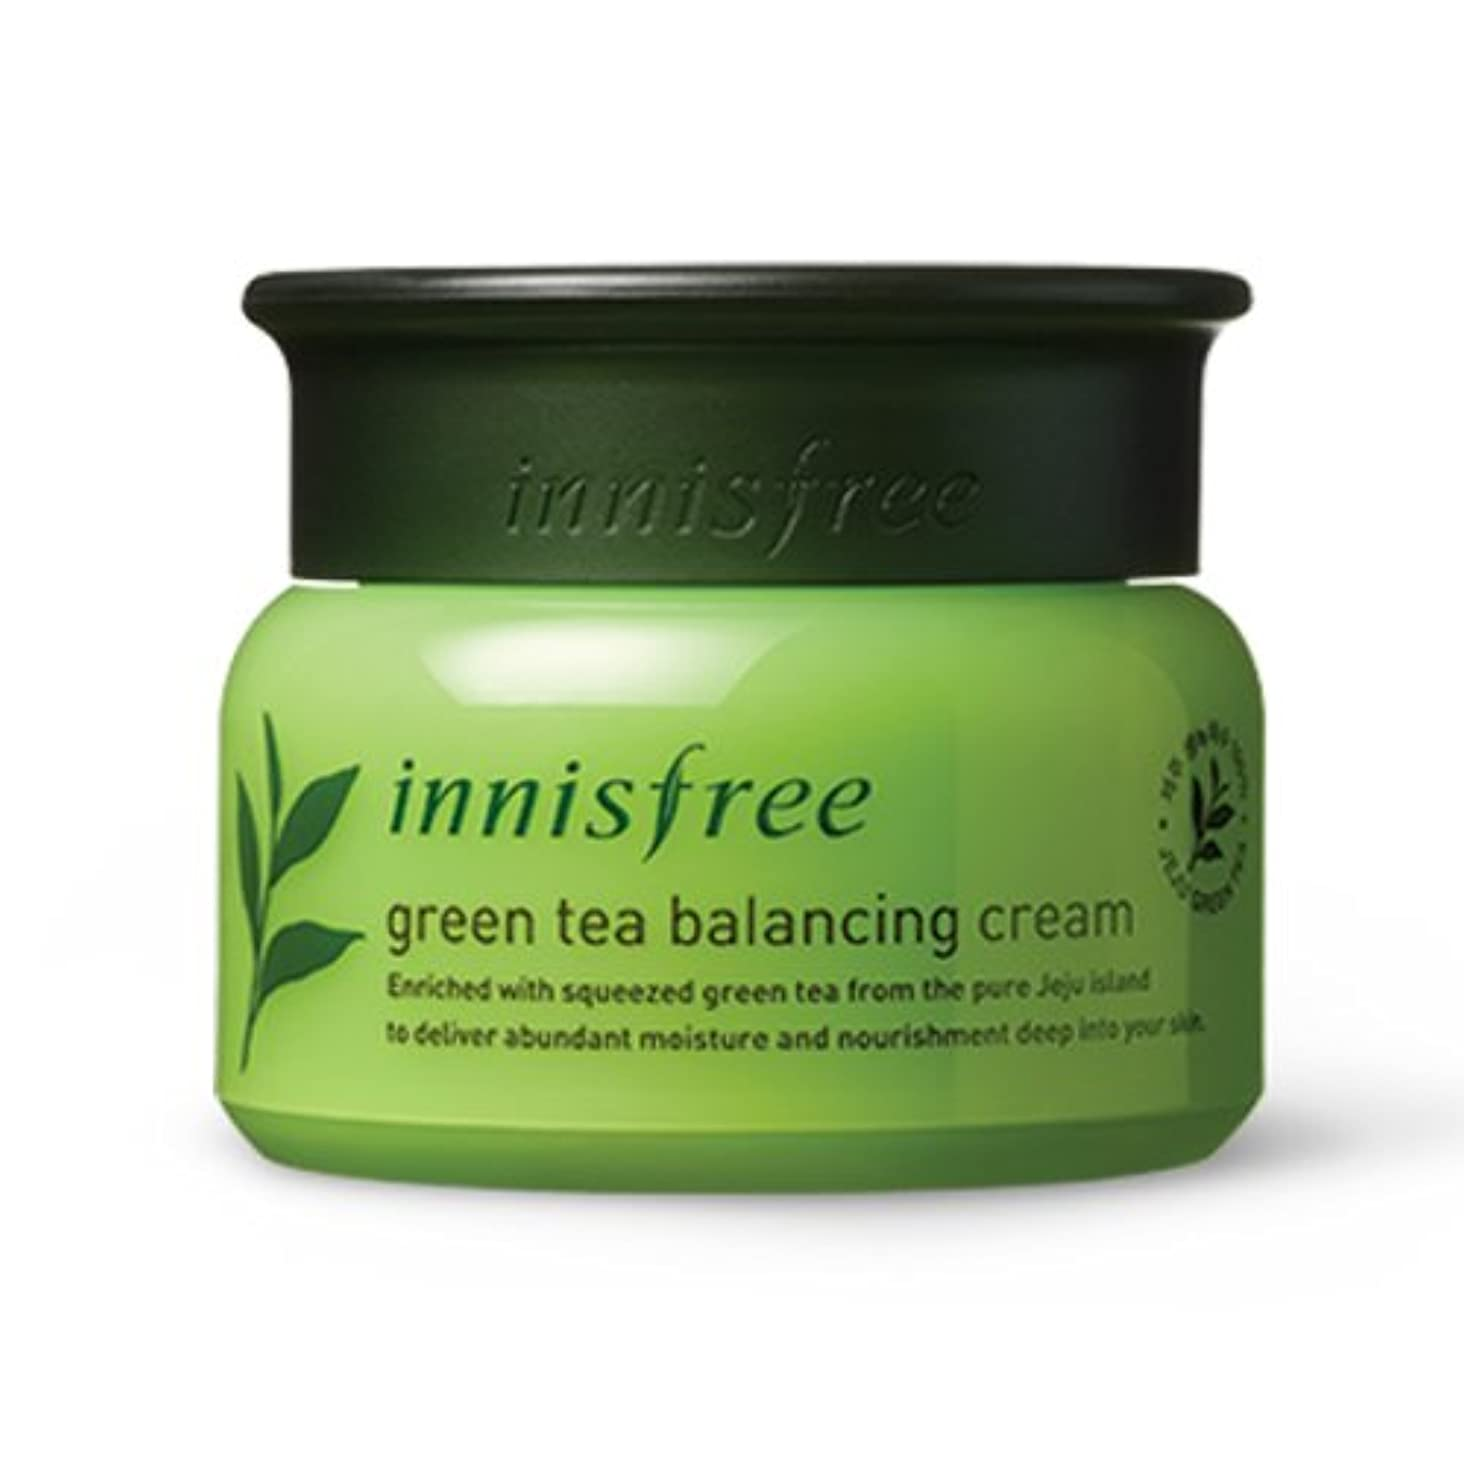 ボウルドアミラー慎重に[INNISFREE]イニスフリーグリーンティーバランシング クリーム 50ml green tea balancing cream50ml